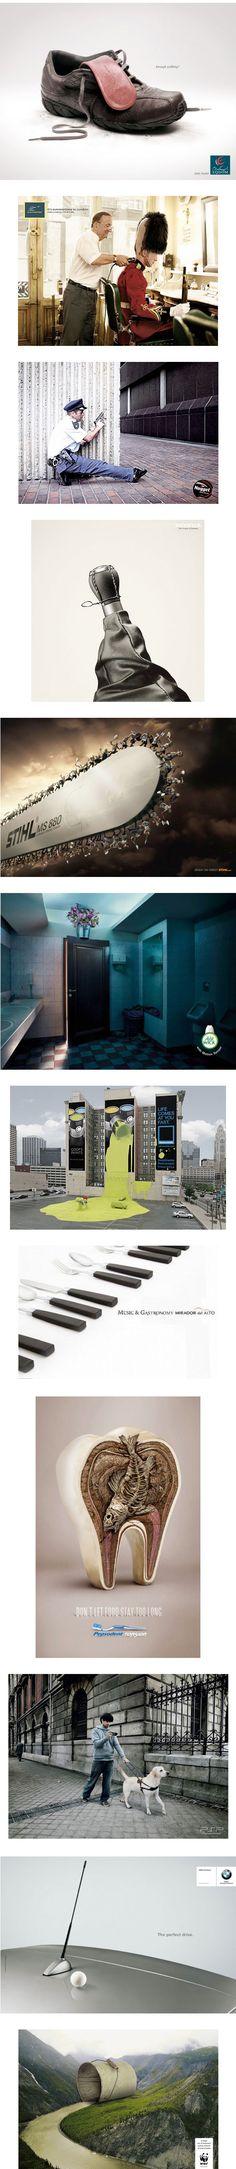 impresion de publicidad conceptual